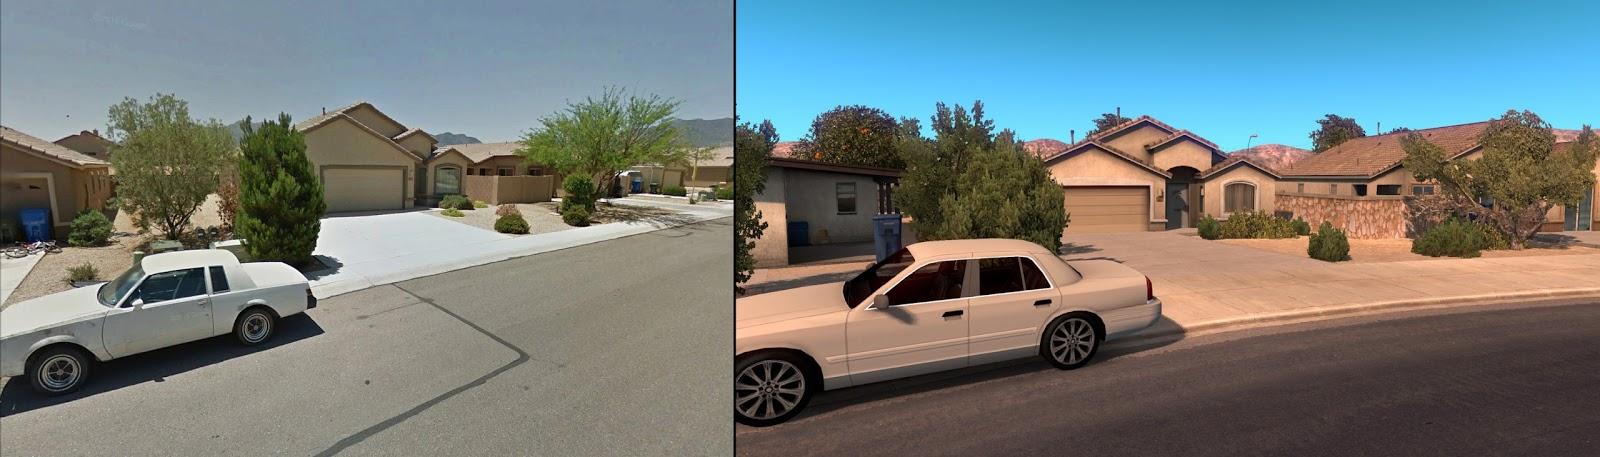 Sierra+Vista+-+StreetView.jpg